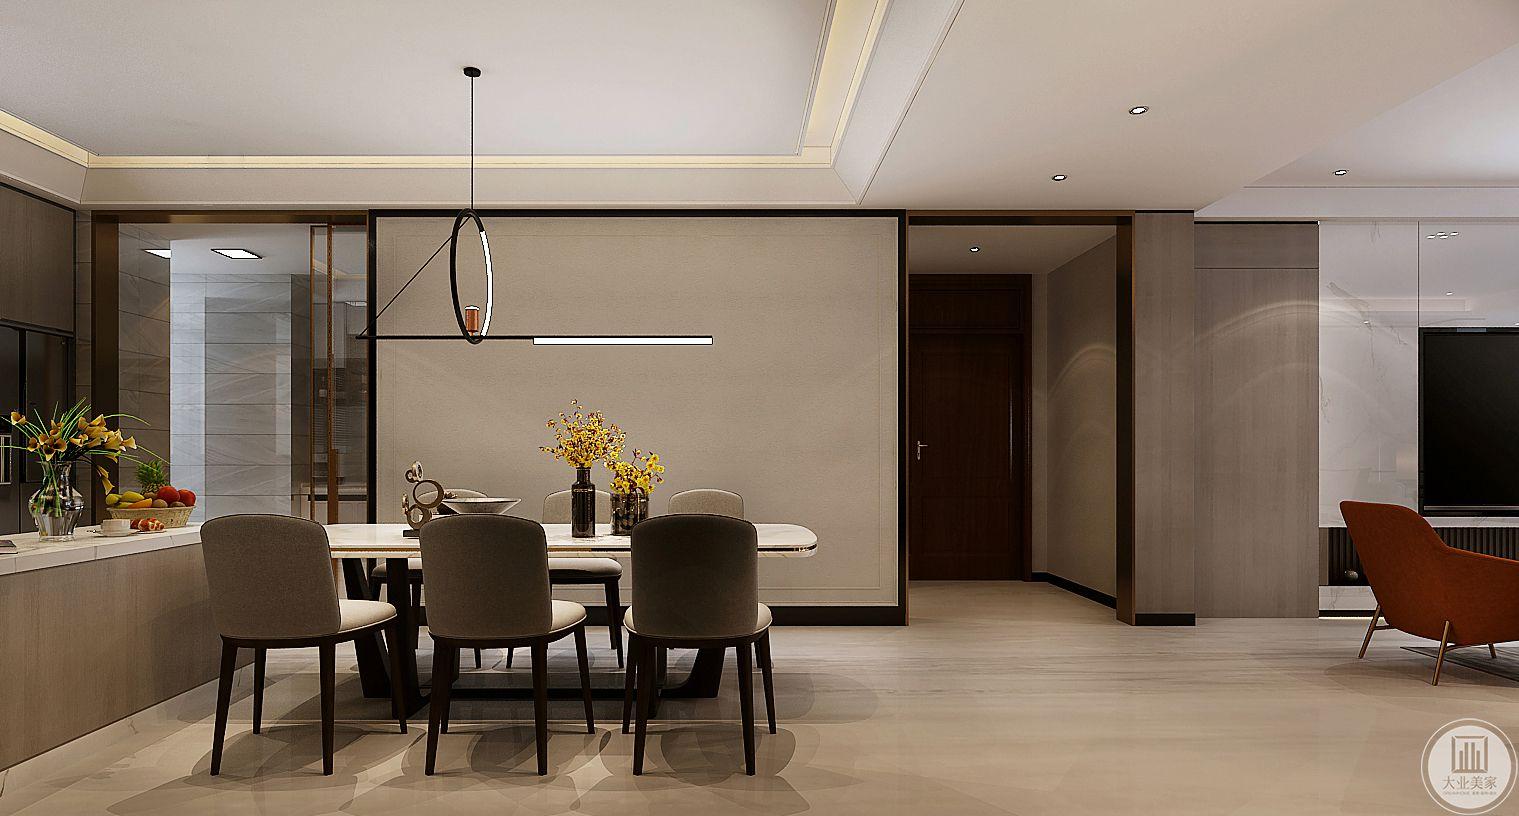 餐厅的一侧采用吧台作为厨房和餐厅的隔断,地面采用木纹砖装饰。